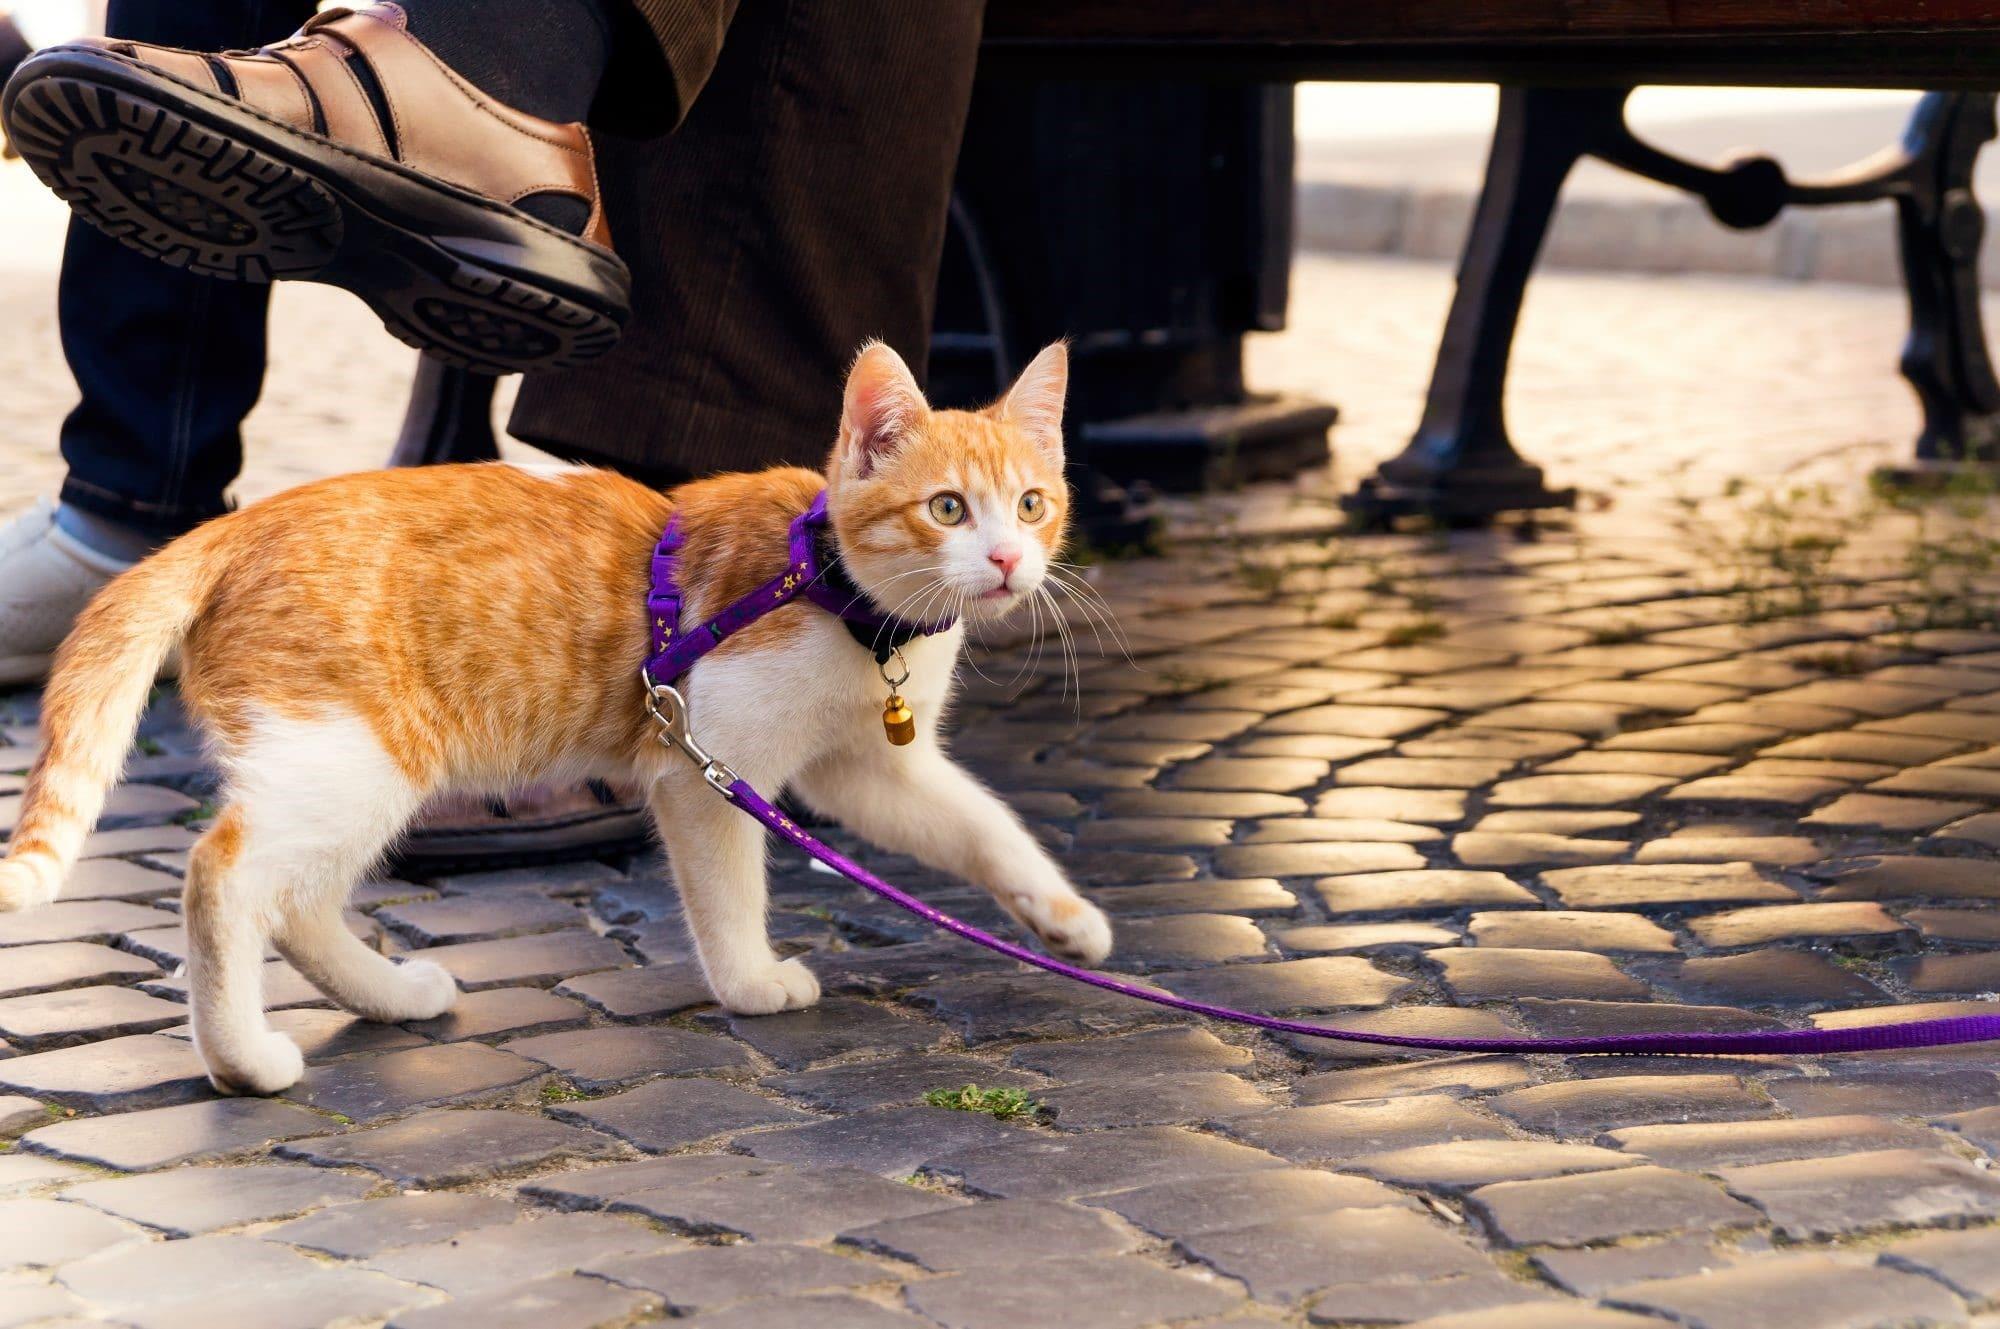 آیا واقعاً میتوان گربهها را تربیت کرد؟!